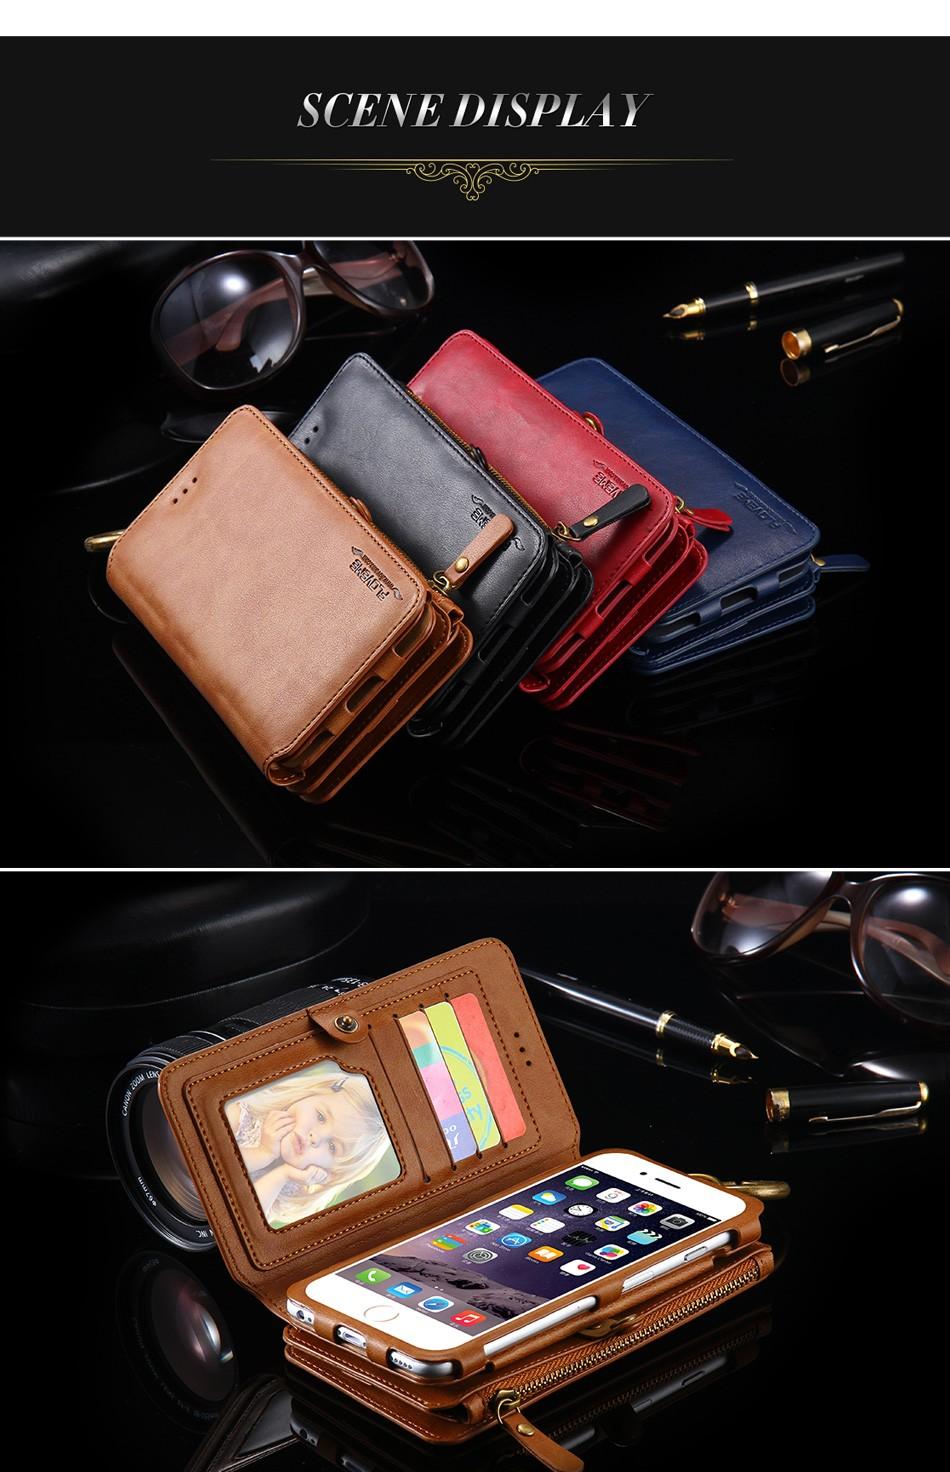 Floveme oryginalny retro skóra telefon case for iphone 6s 6 4.7 dla iphone6s iphone 6s przypadki metalowy pierścień coque pokrowce na iphone 7 9